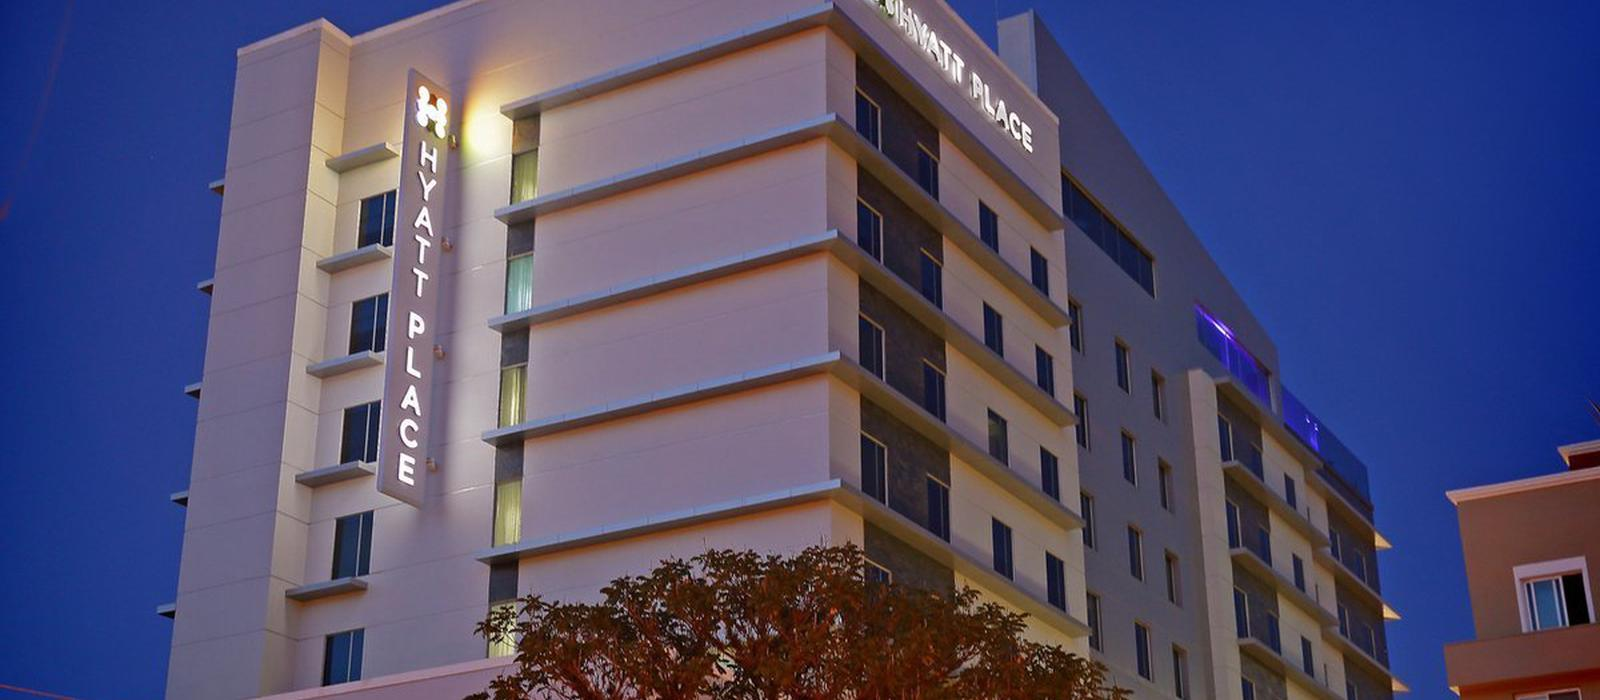 Resultado de imagen para hotel hyatt tegucigalpa